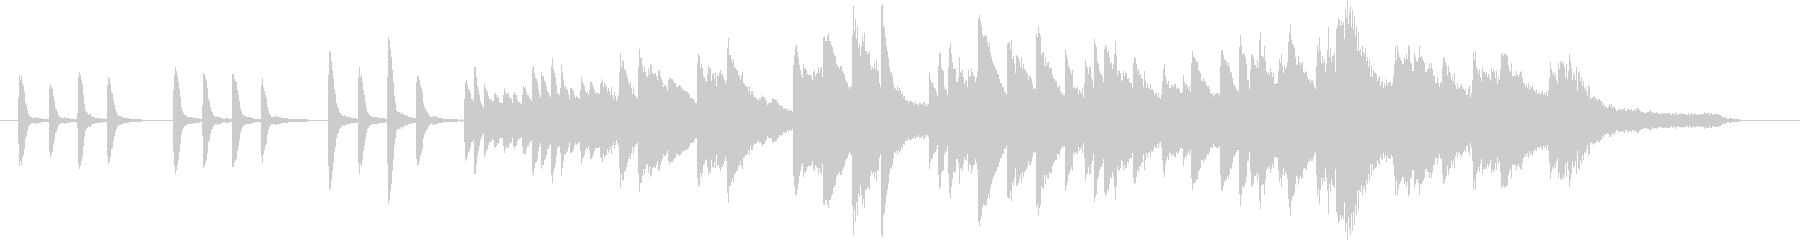 夏のイメージのピアノ01の未再生の波形